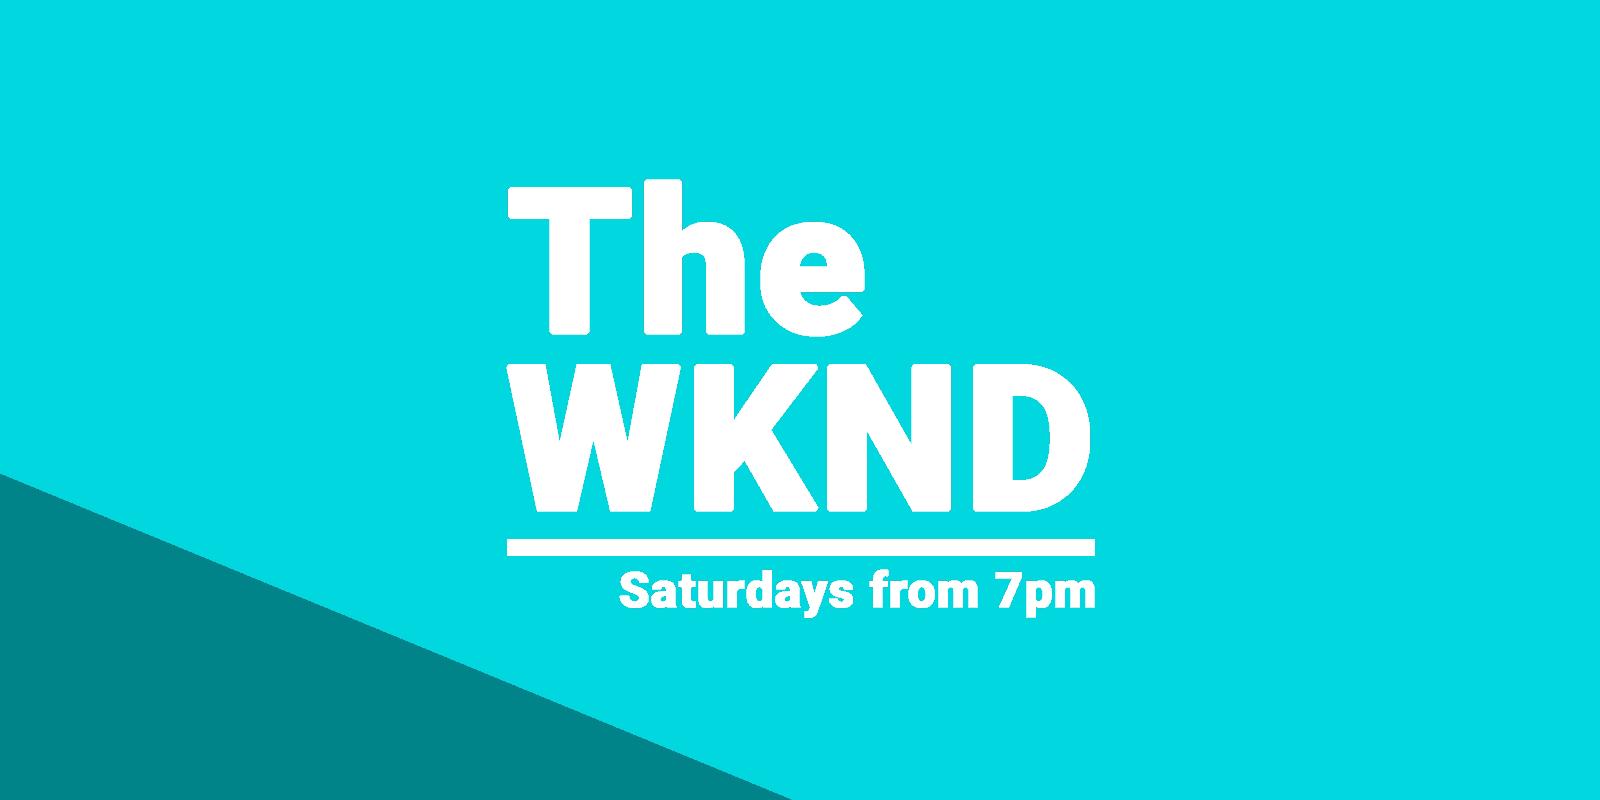 The WKND on Gateway 97.8